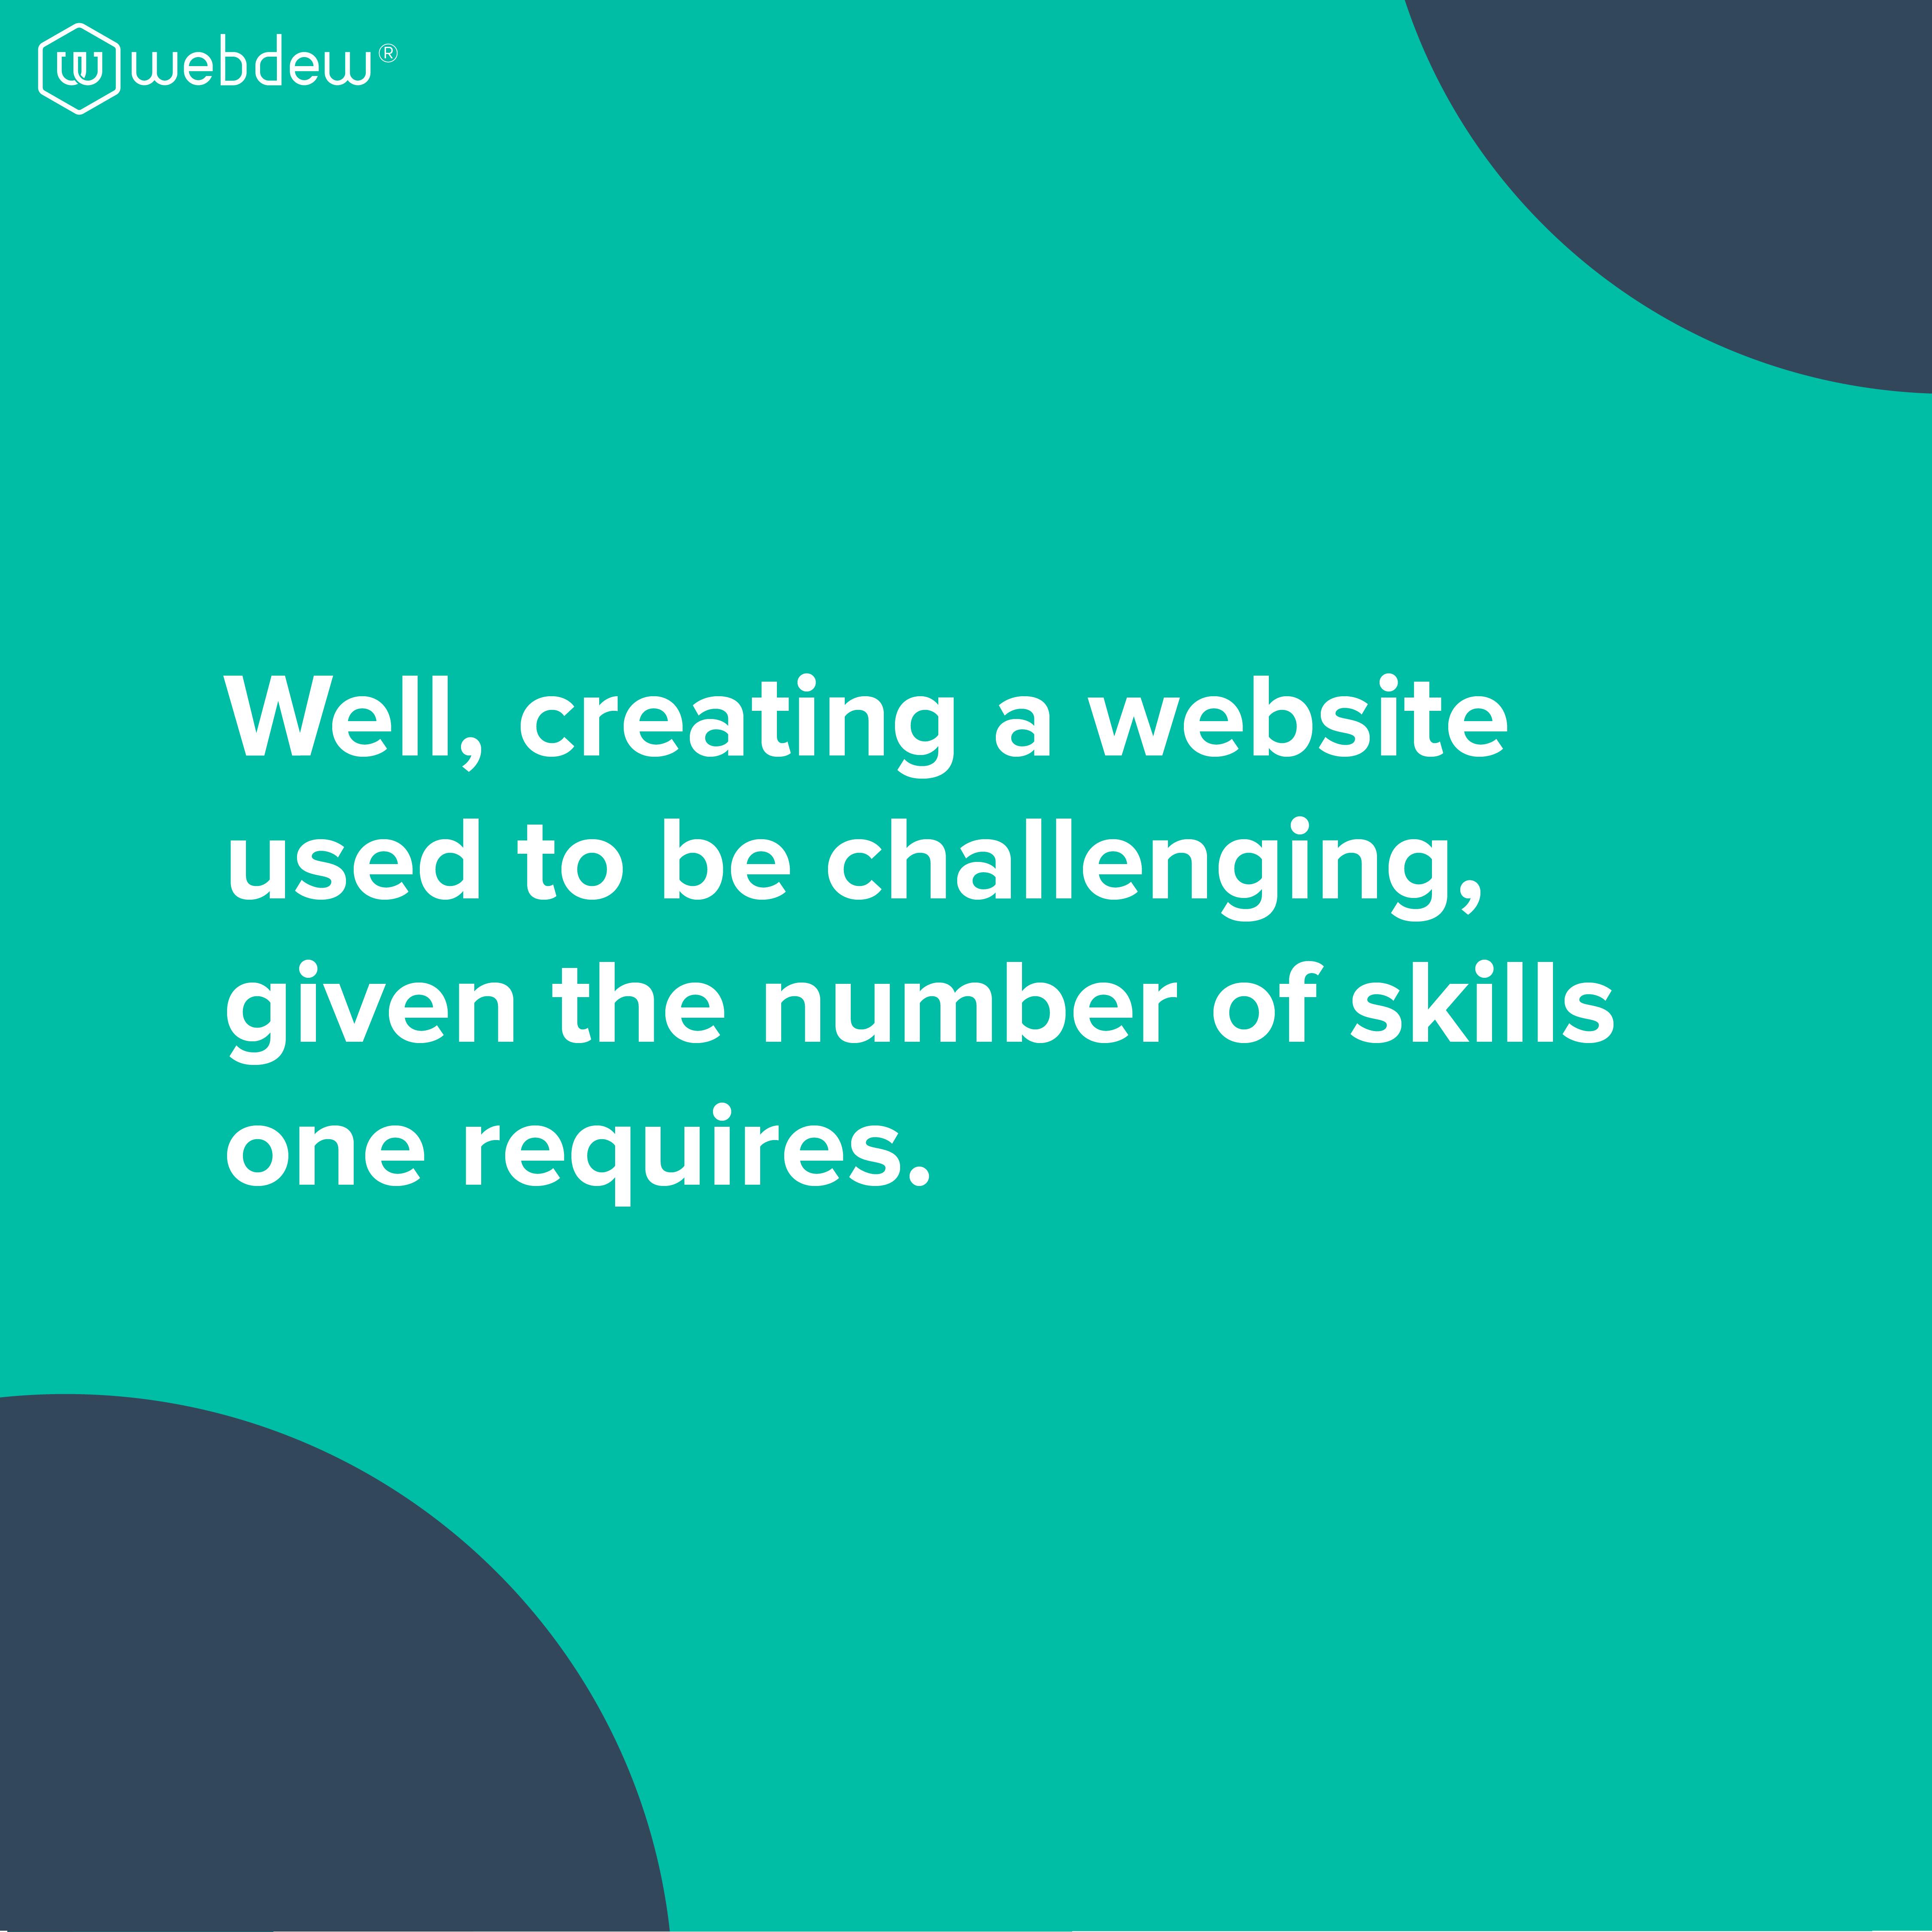 website-development-requires-skills